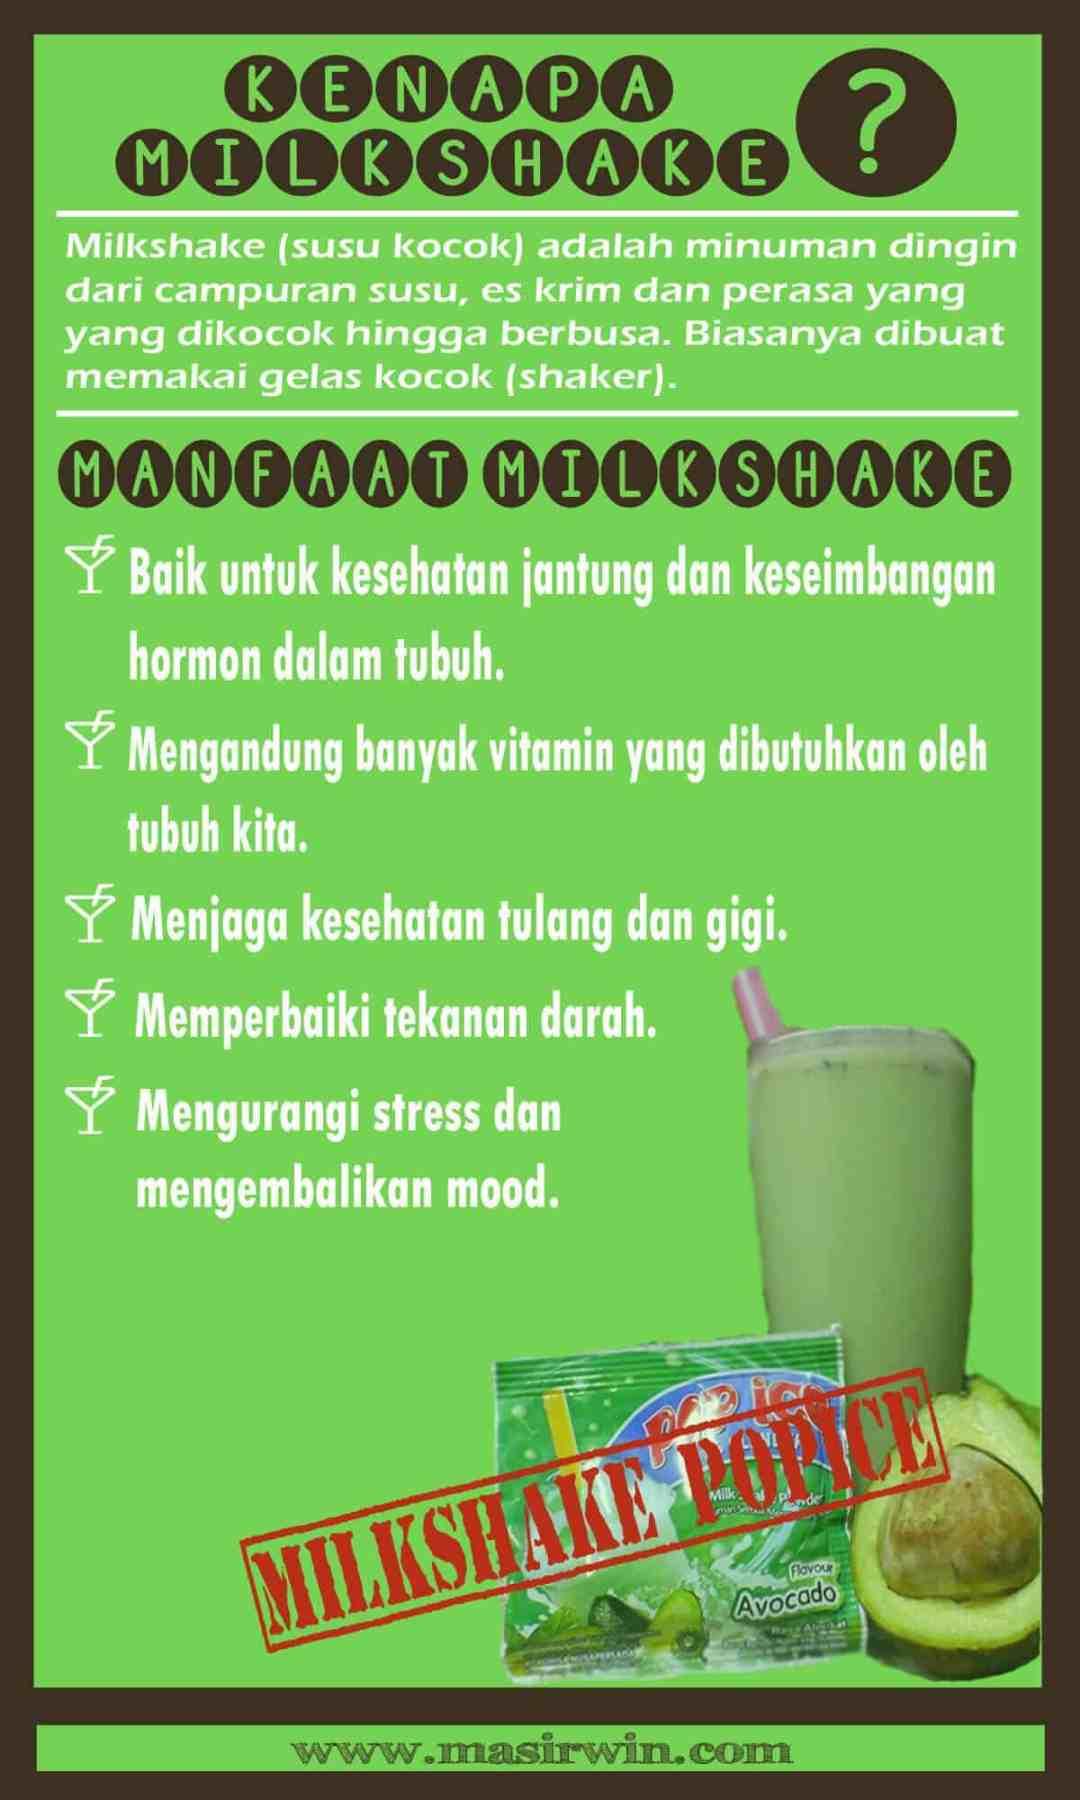 kenapa milkshake, perbedaan milkshake dan smootie, manfaat milkshake,khasiat milkshake, milkshake pop ice, milkshake adalah